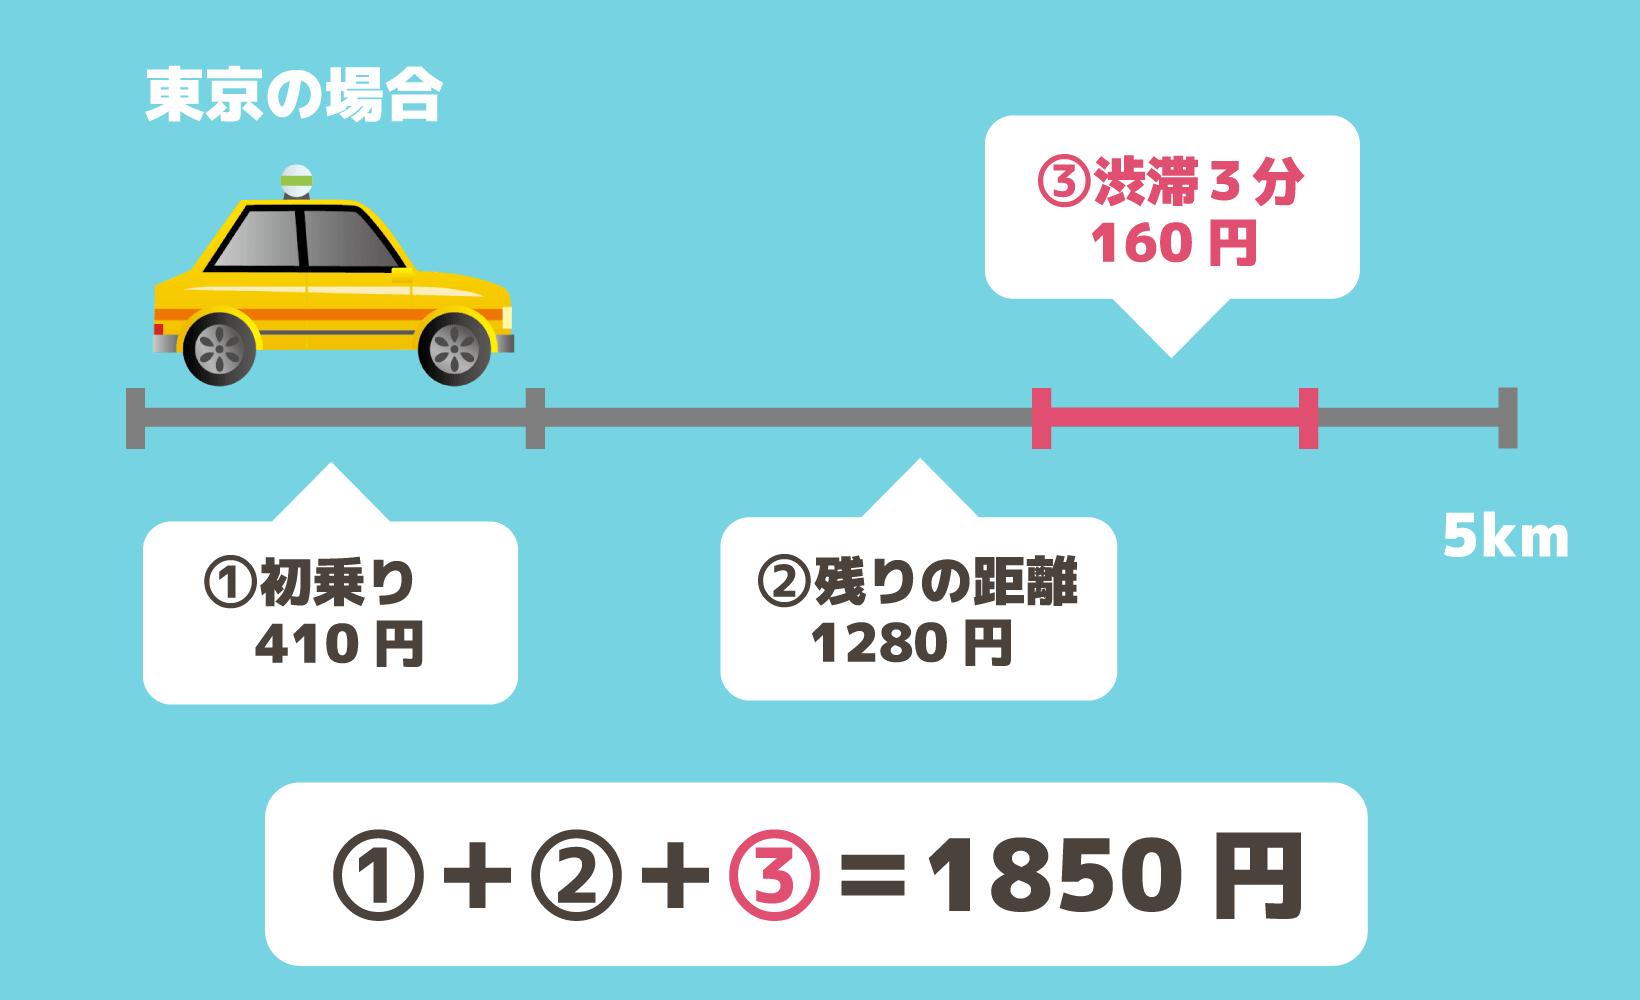 タクシー料金=①初乗運賃+②距離制運賃。渋滞などがあると③時間距離併用運賃がかかることも